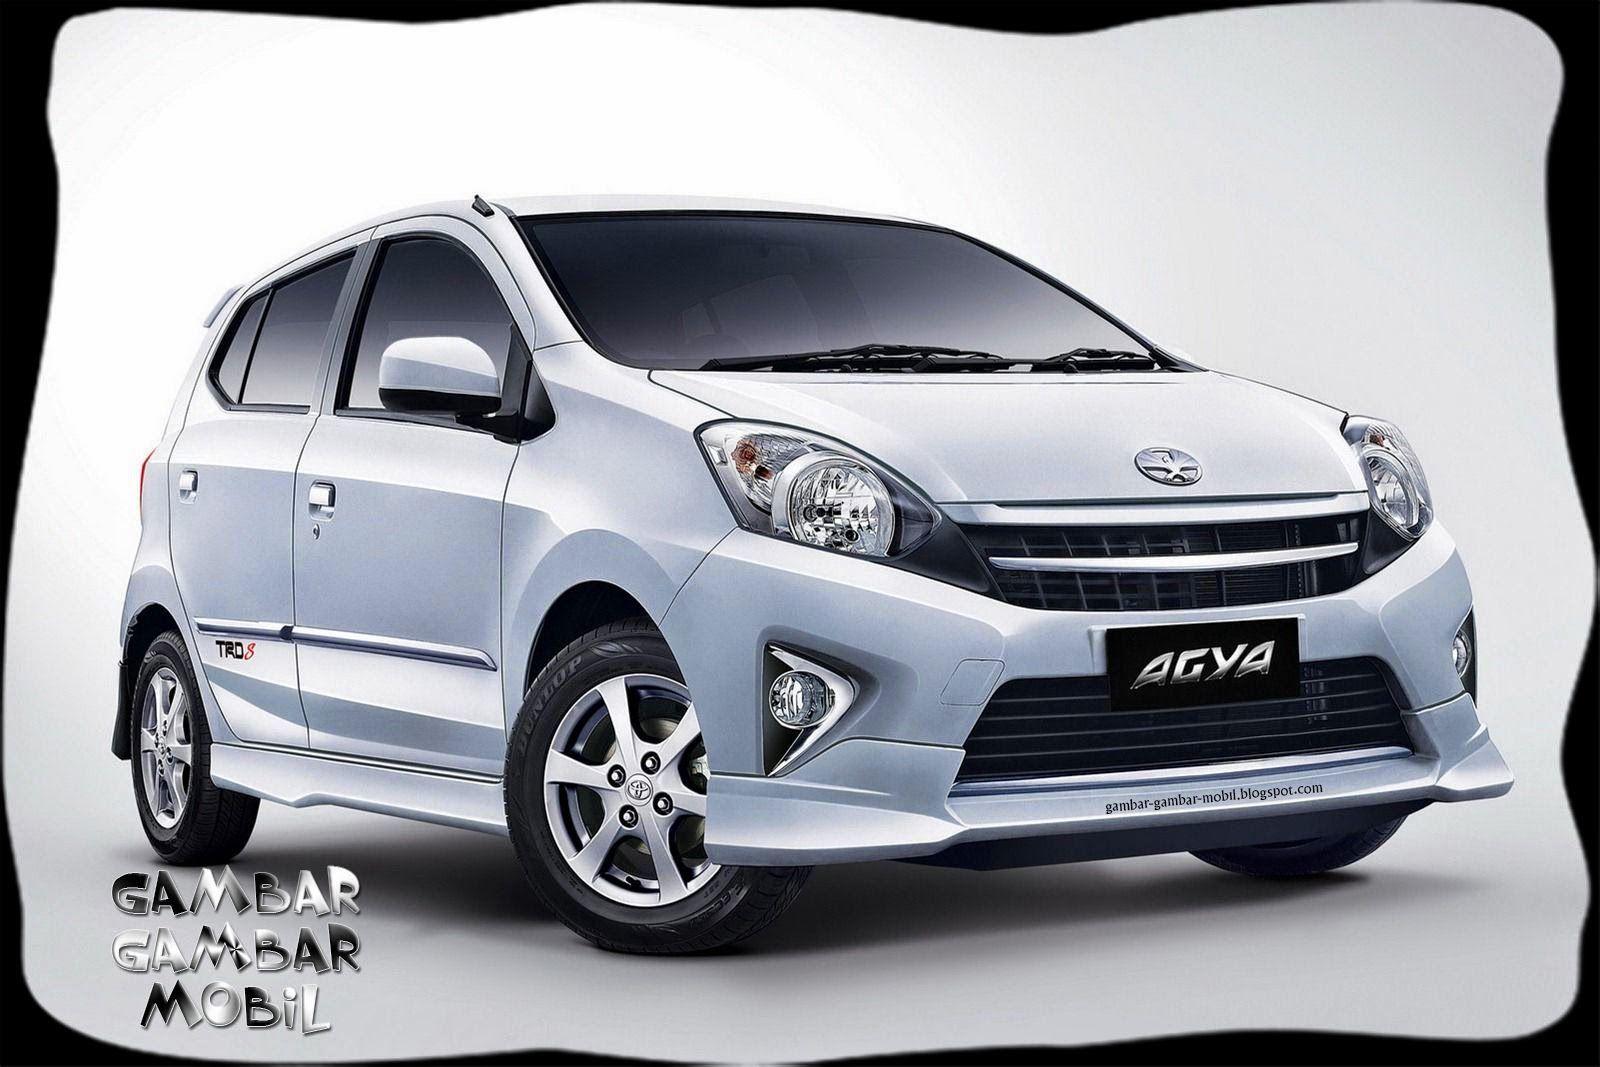 Gambar mobil 2014 Mobil baru, Toyota, Mobil